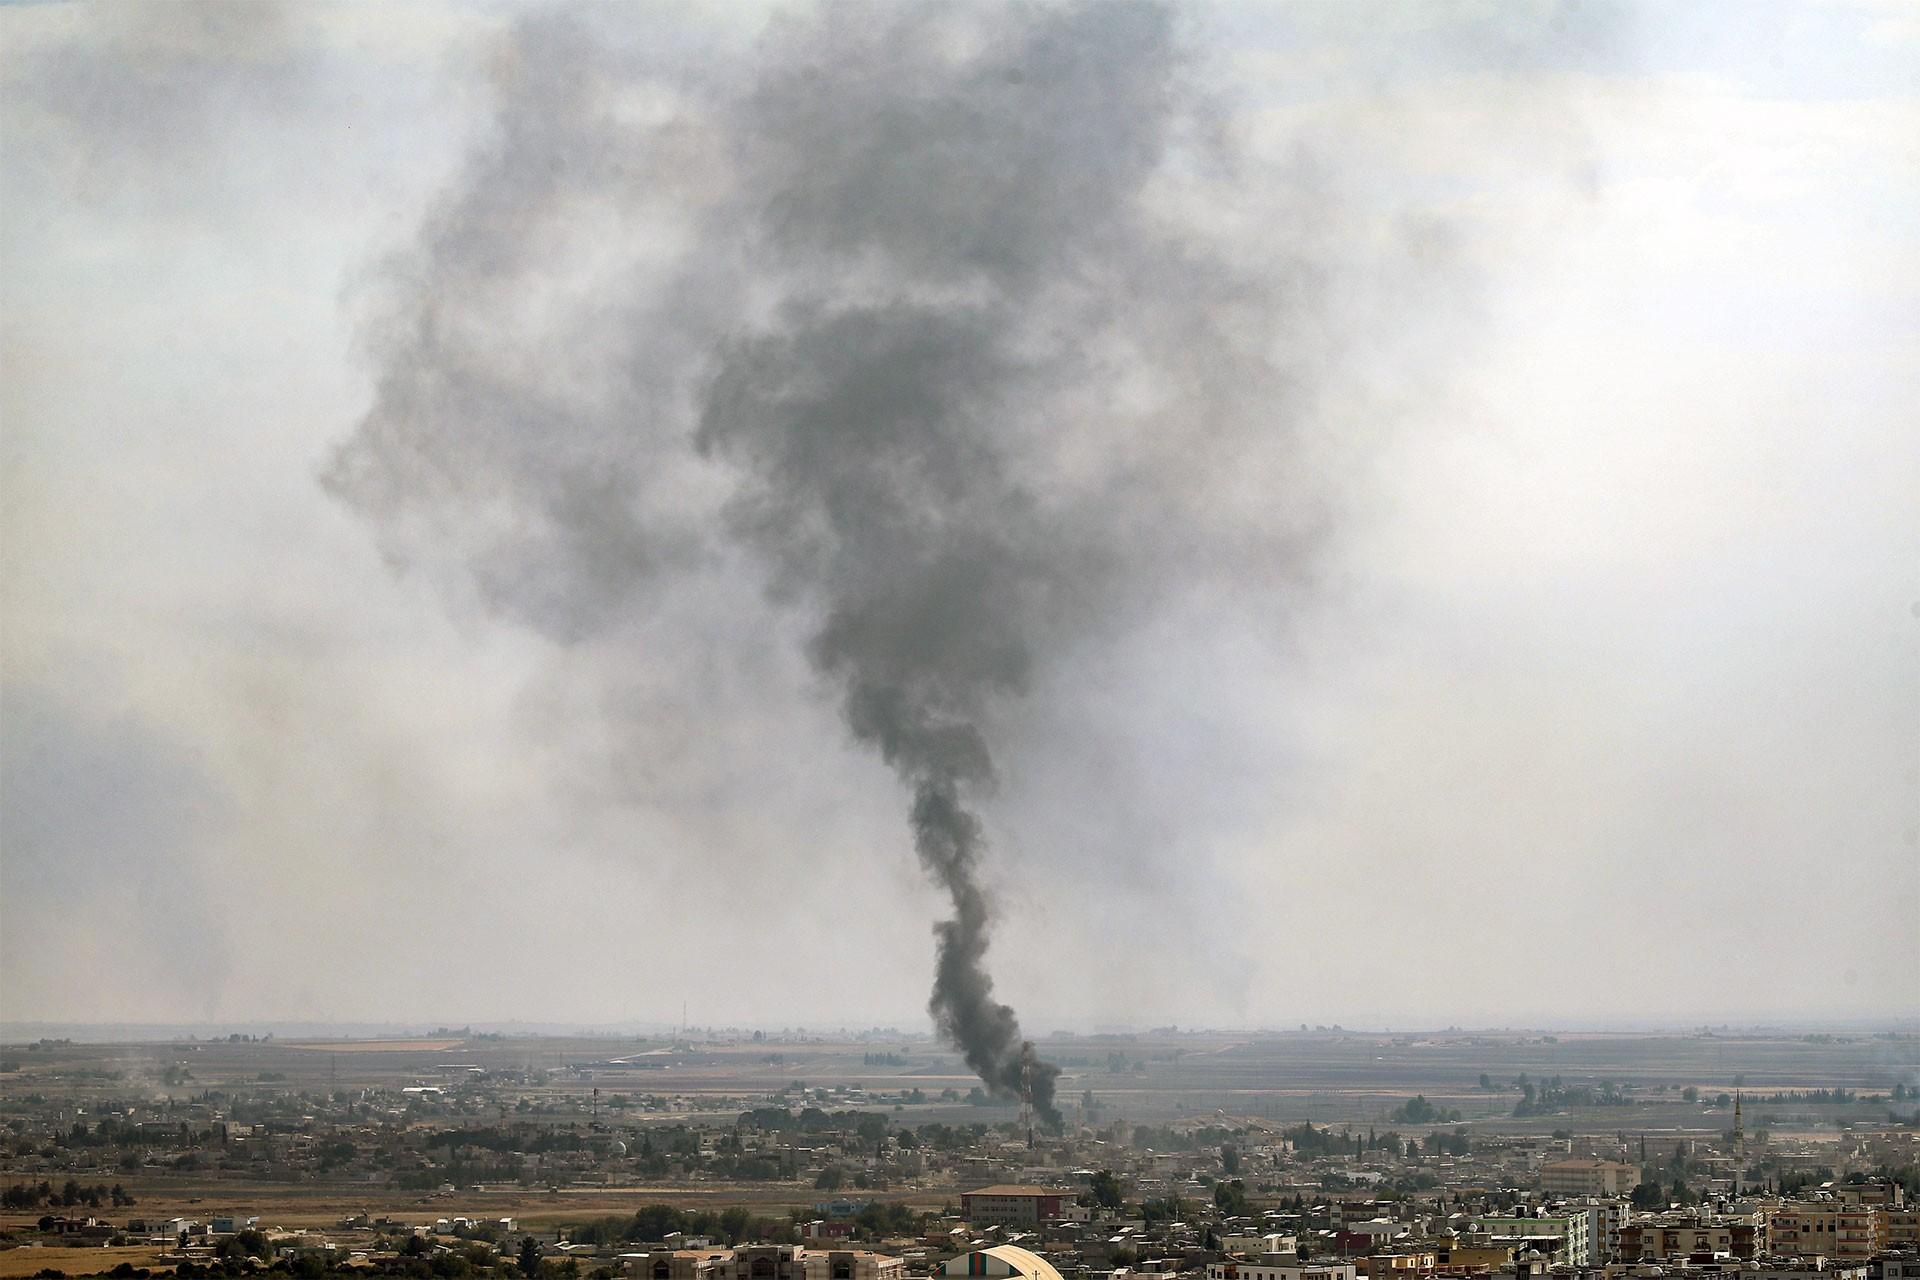 SANA: Suriye ordusuyla Türk güçleri arasında çatışma çıktı